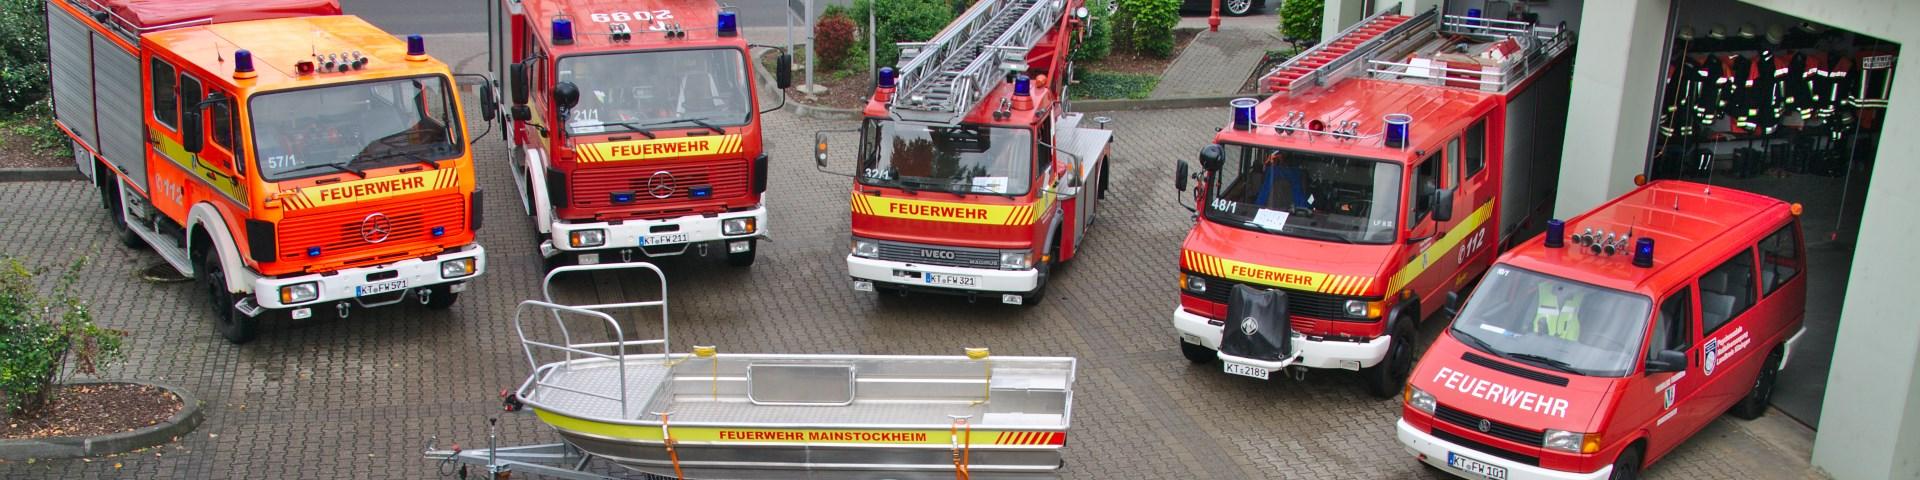 Freiwillige Feuerwehr Mainstockheim